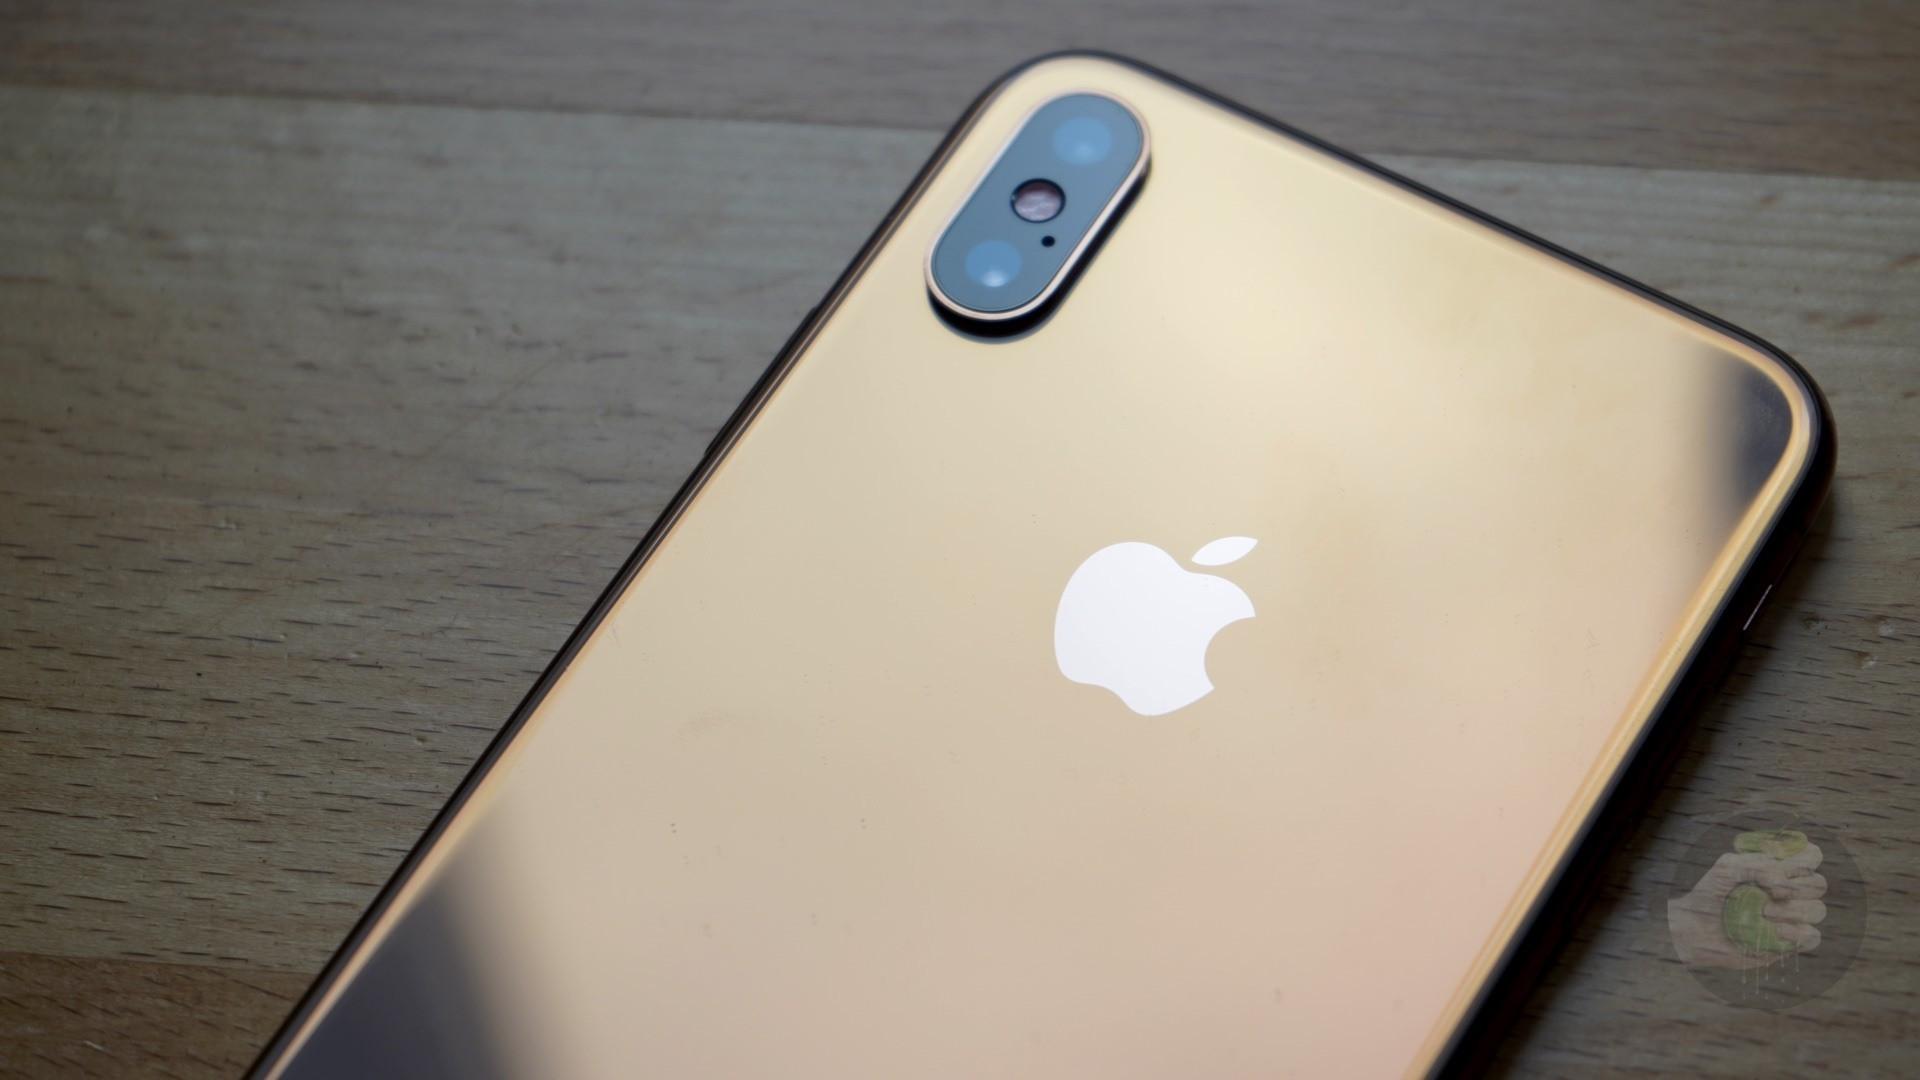 07d05b50e3f5 Ну а ещё, кроме понтов, есть такие приятные моменты, как остающаяся на  одном уровне цена  iPhone X стал не намного дороже по прошествии года, ну а  некоторые ...